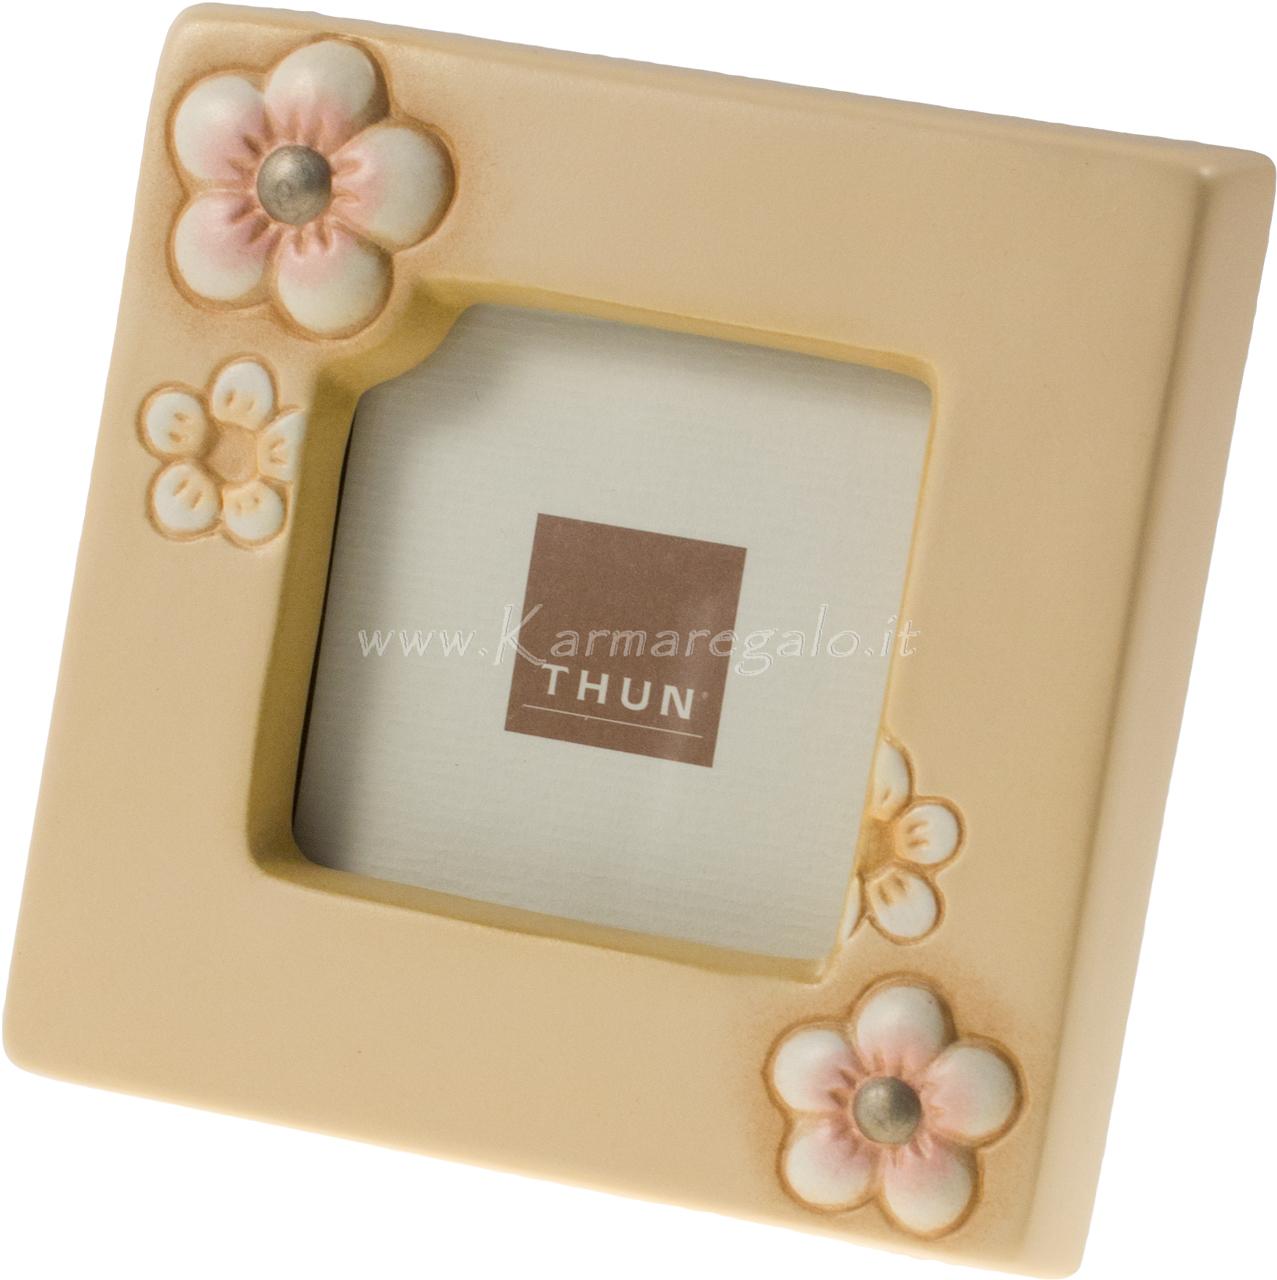 Portafoto primavera fiori thun - Porta foto thun ...